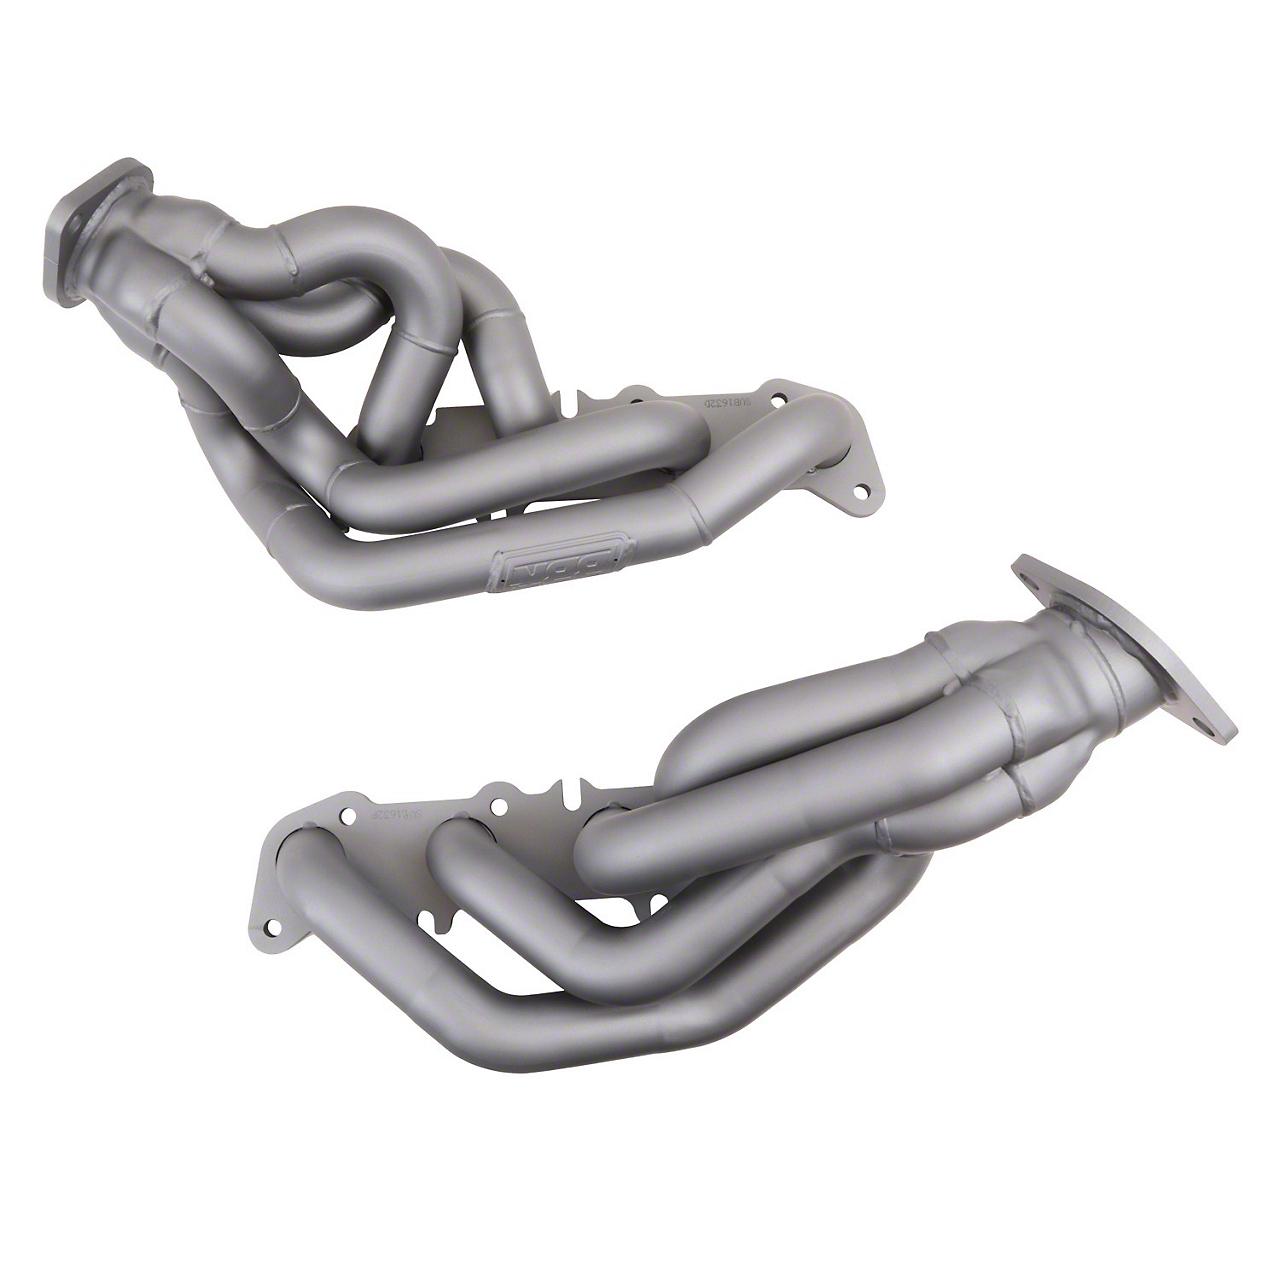 BBK 1-3/4 in. Chrome Tuned Length Shorty Headers (11-14 GT)